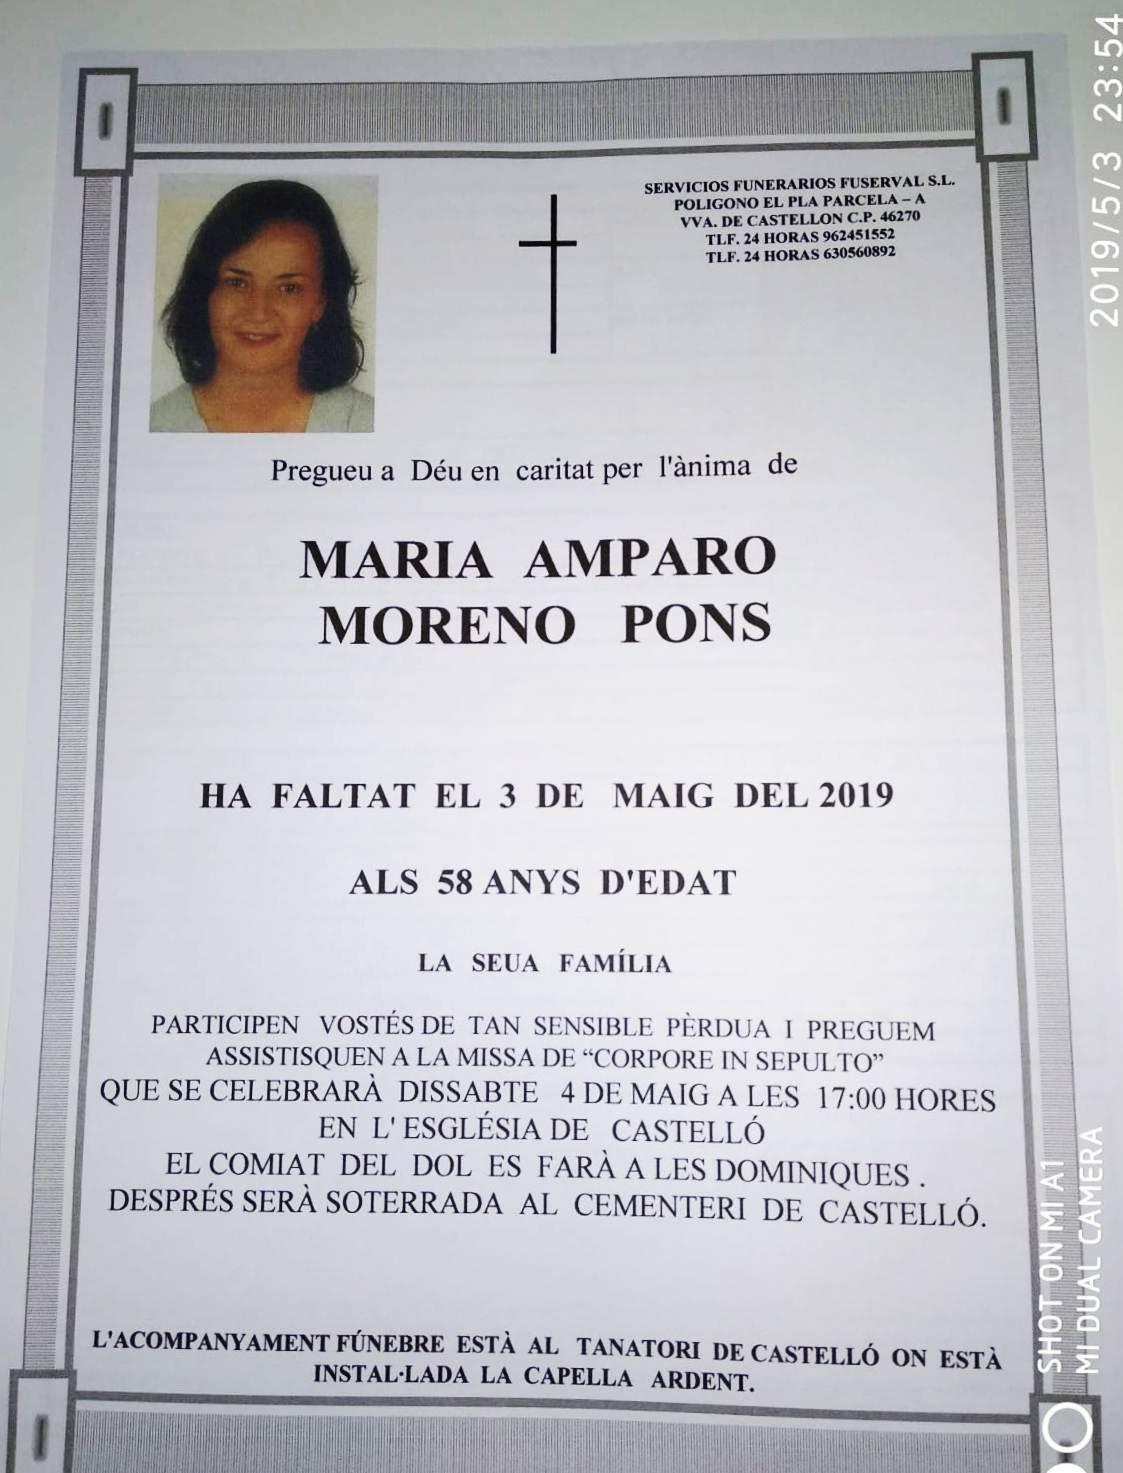 MARIA AMPARO MORENO PONS